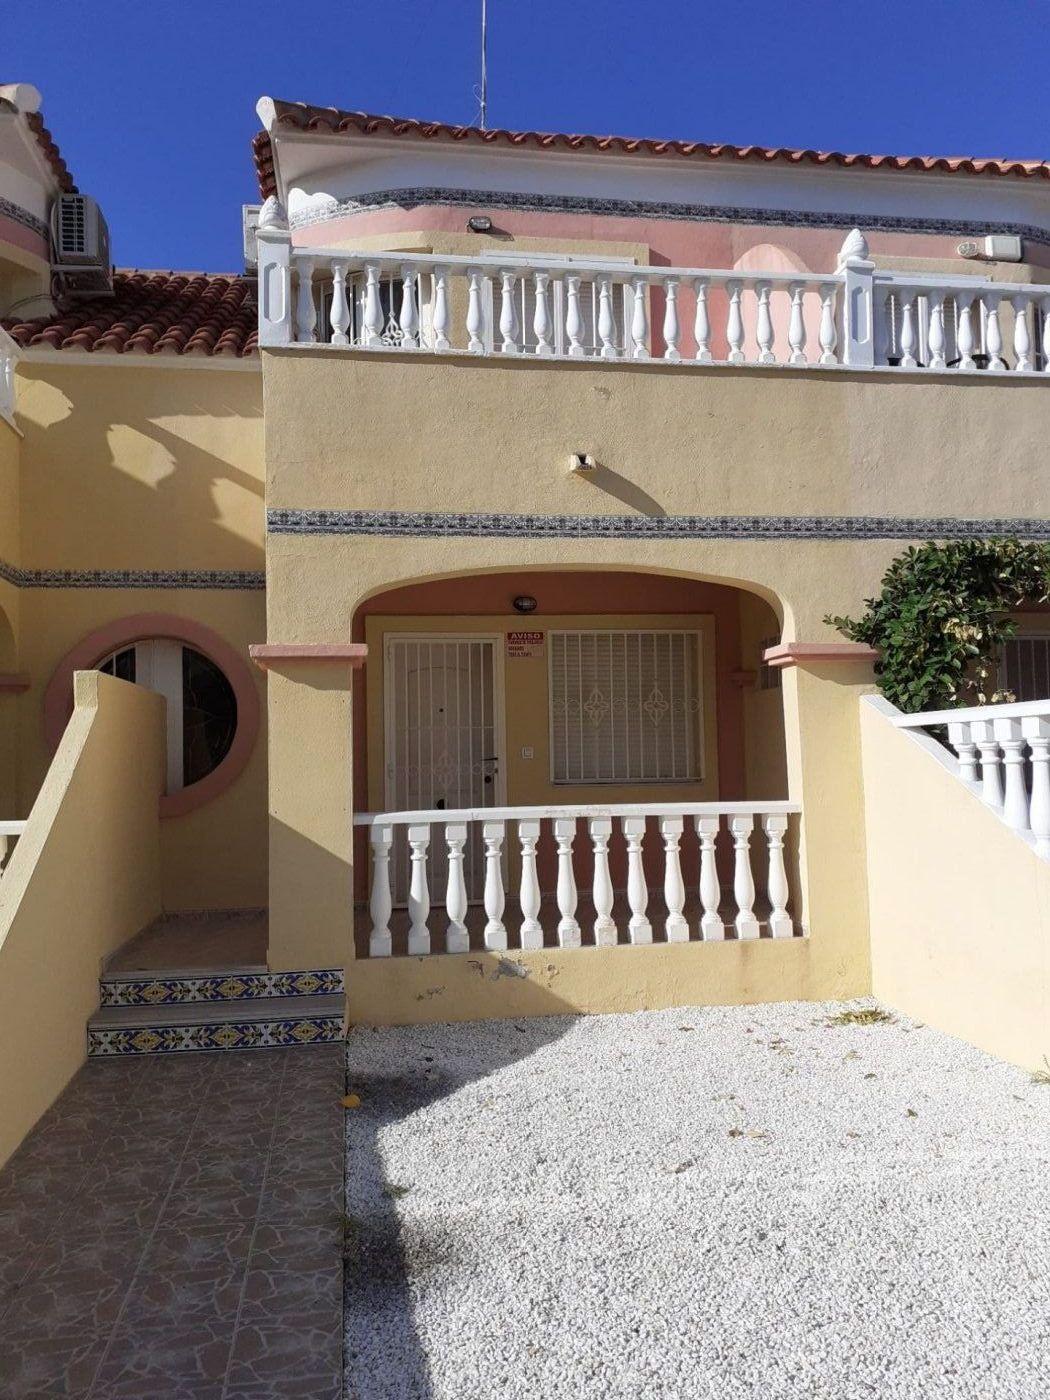 Townhouse - Bestaande bouw - Orihuela Costa - La Zenia